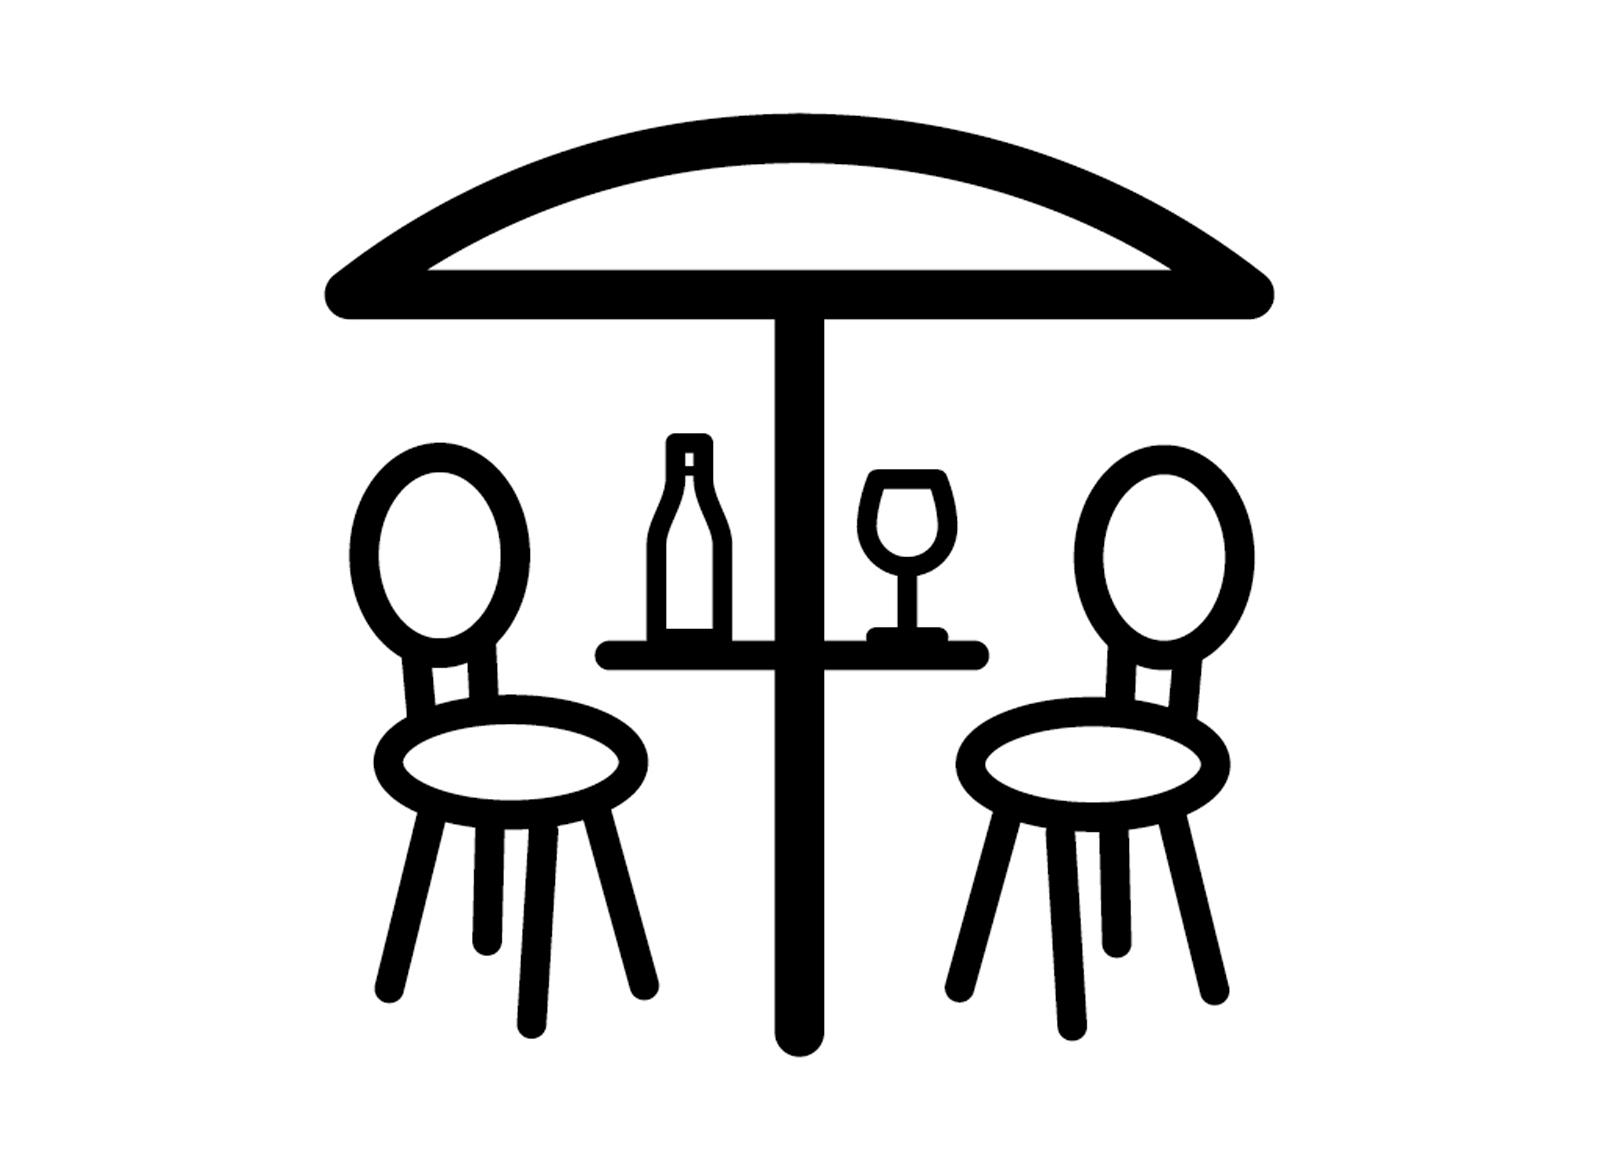 Icoon 'terrasje', getekend voor de website van City Mundo